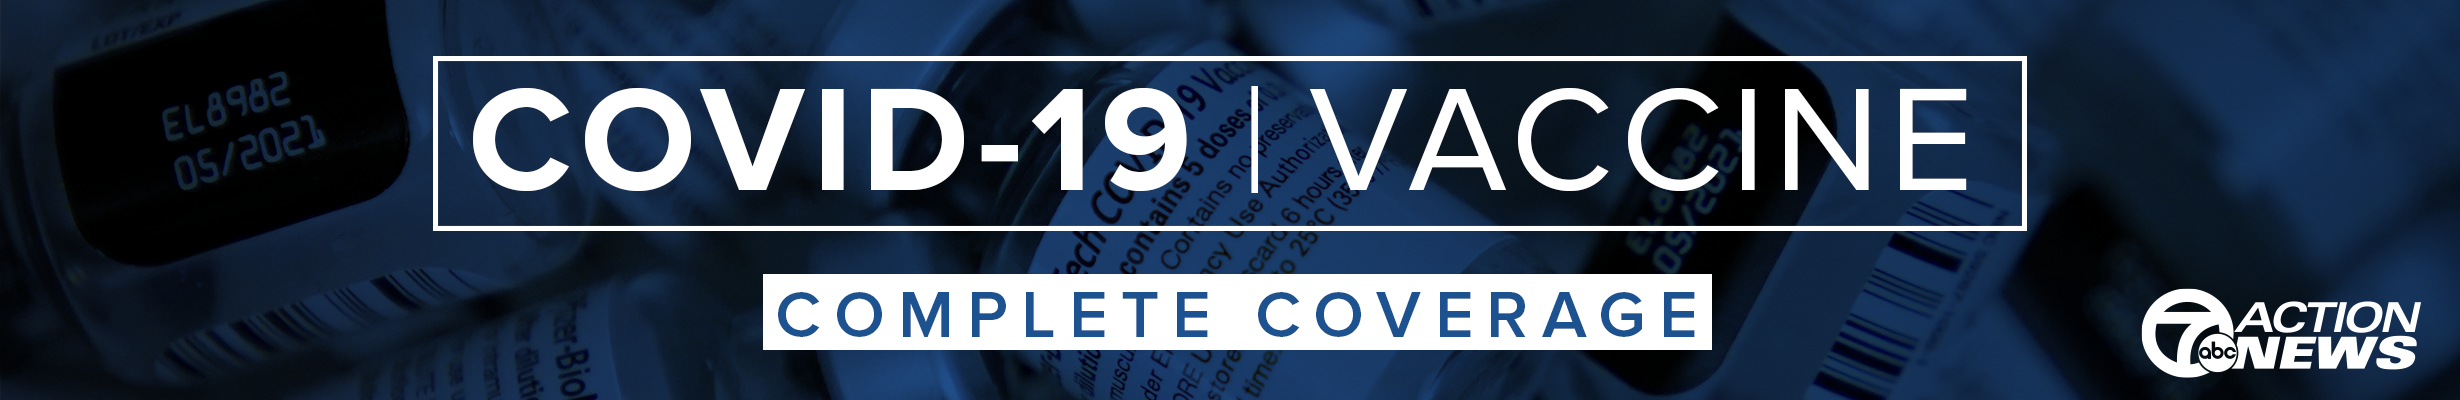 COVID-19 vaccine coverage